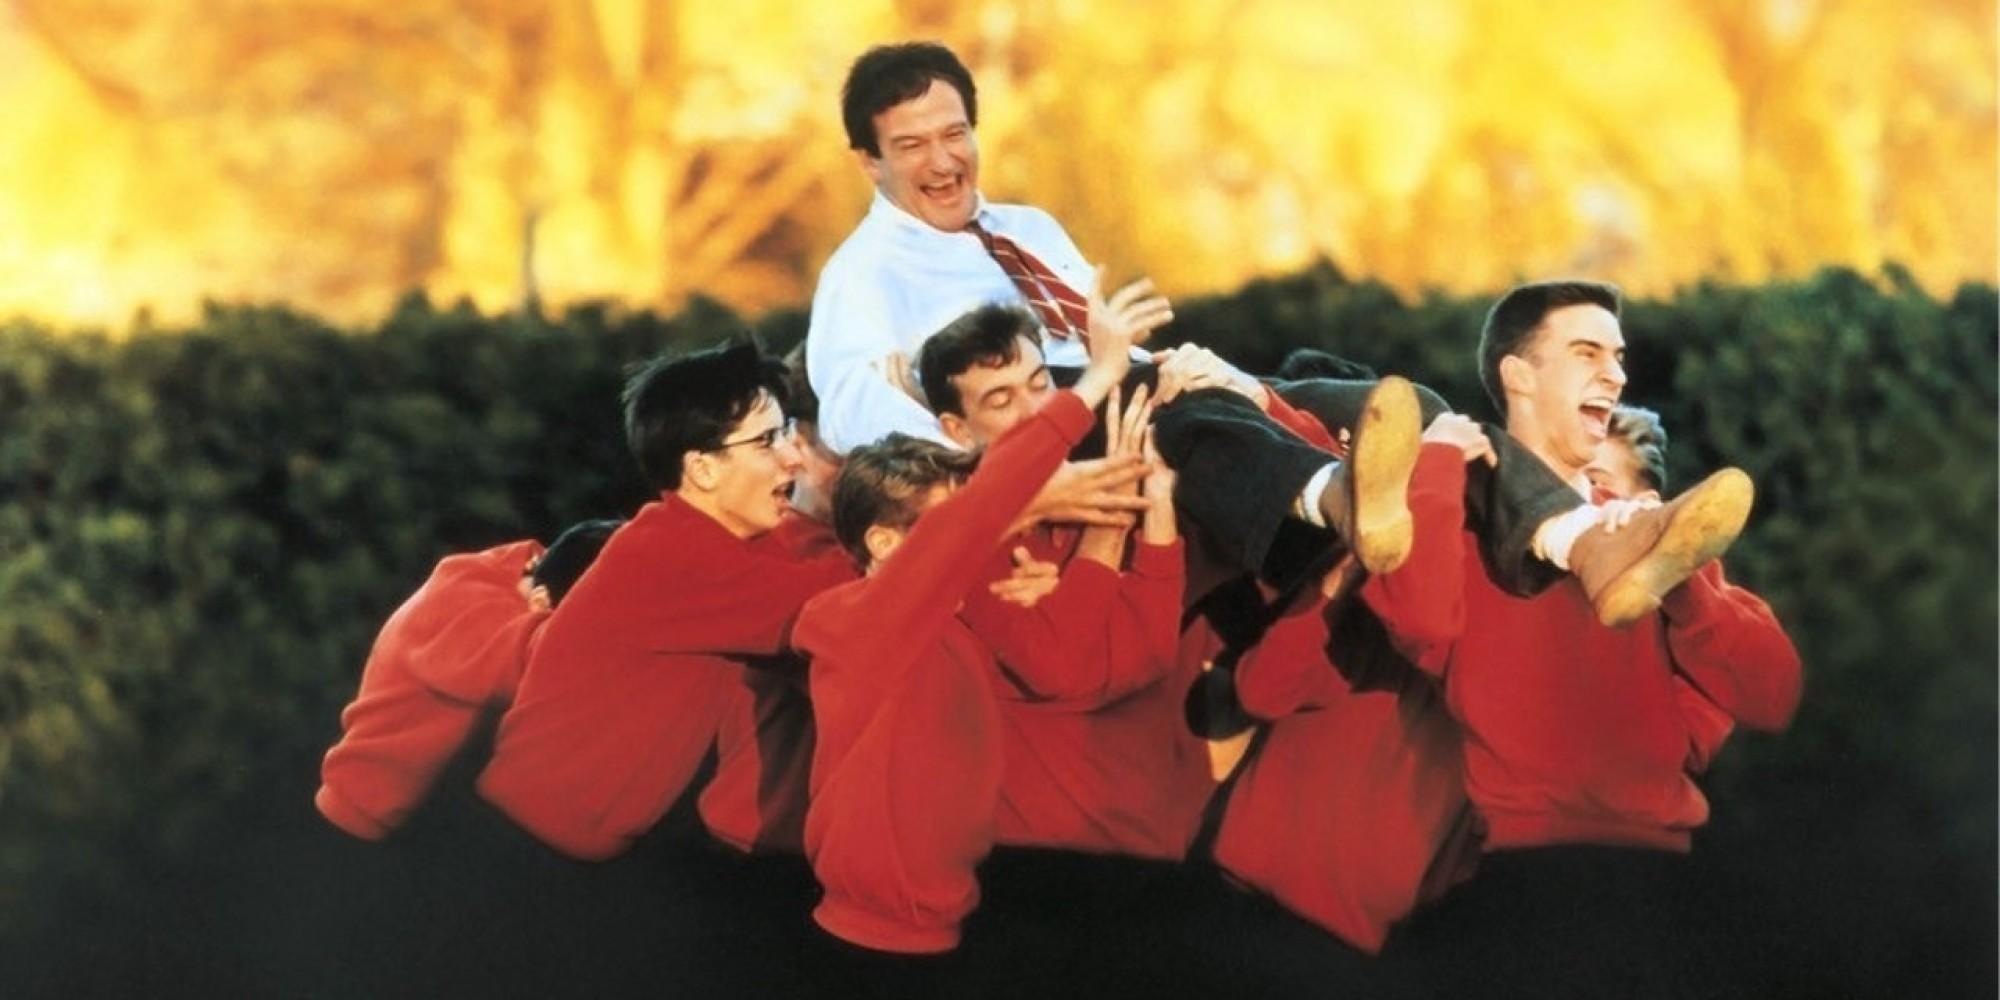 Capacidad dar más allá Robin Williams